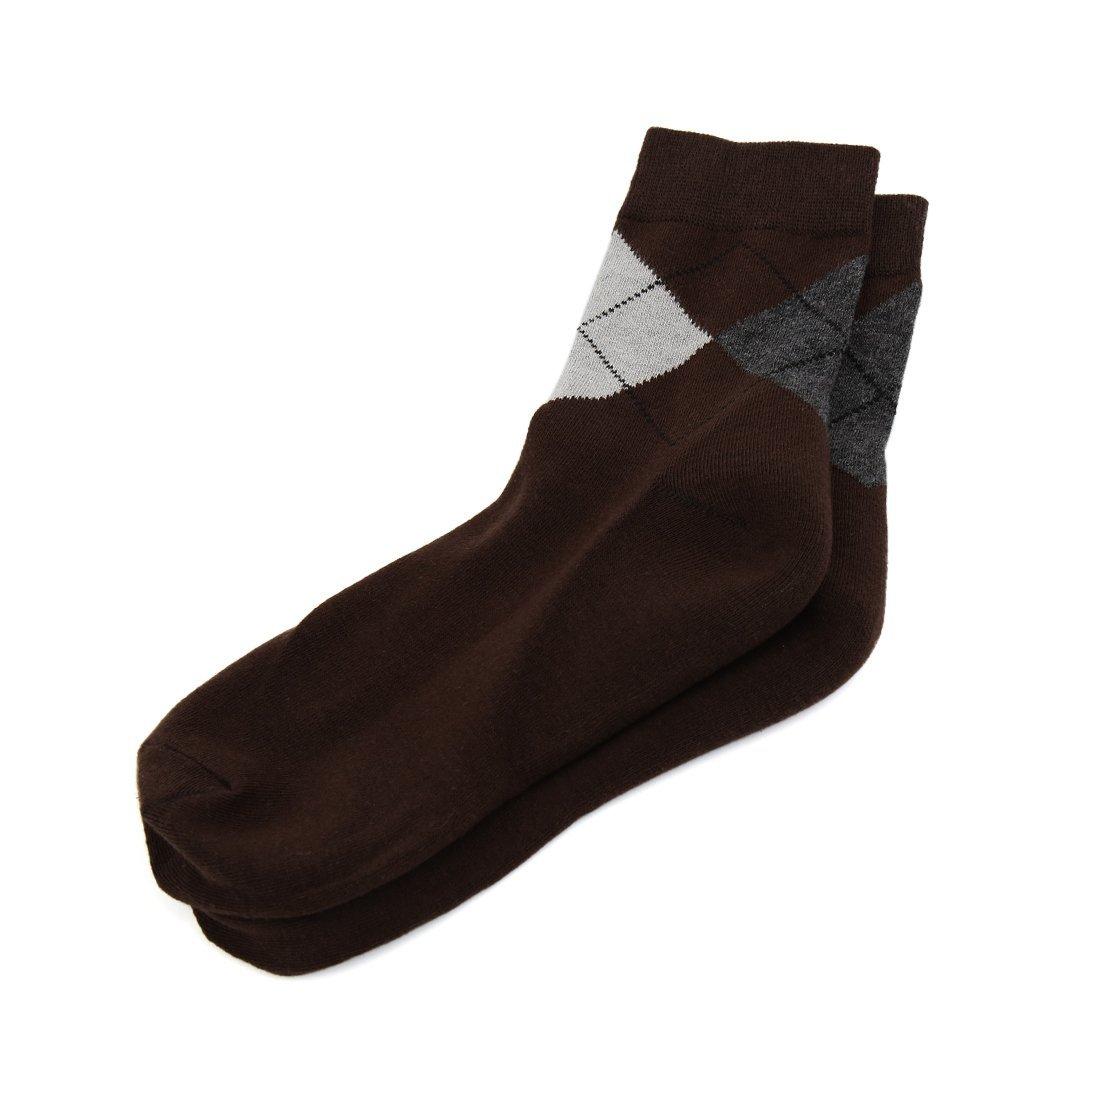 Amazon.com: eDealMax 1 par de Argyle Imprime hidratante ablanda la piel del Gel agrietada del talón calcetines Color café Hombres: Health & Personal Care